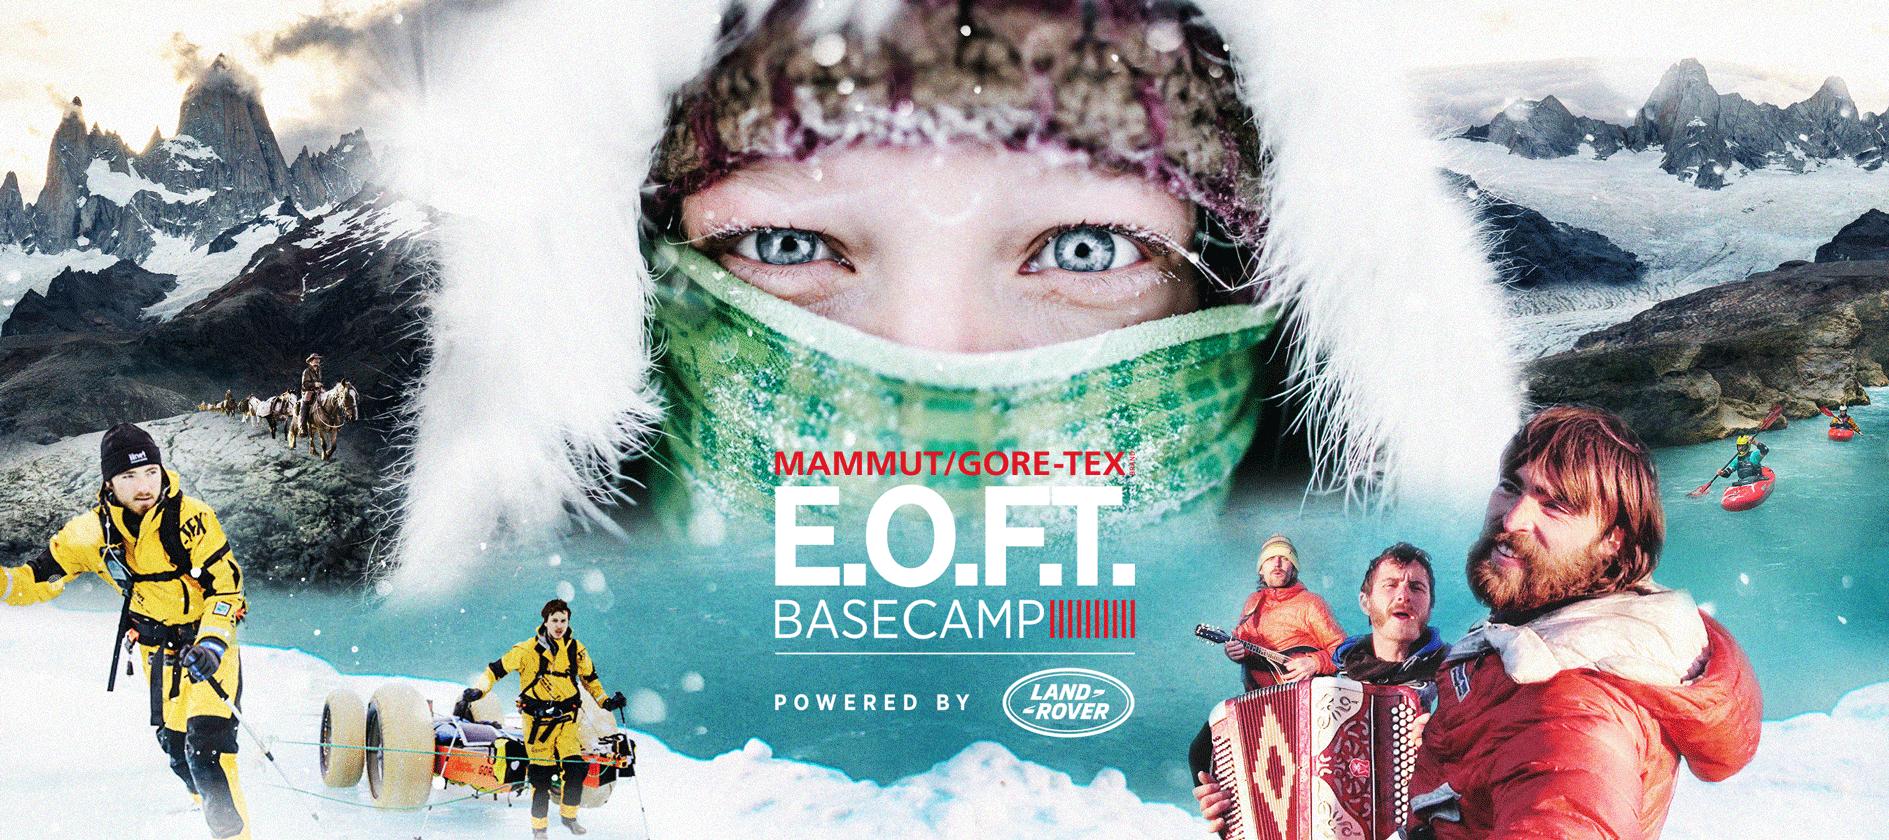 E.O.F.T. Basecamp